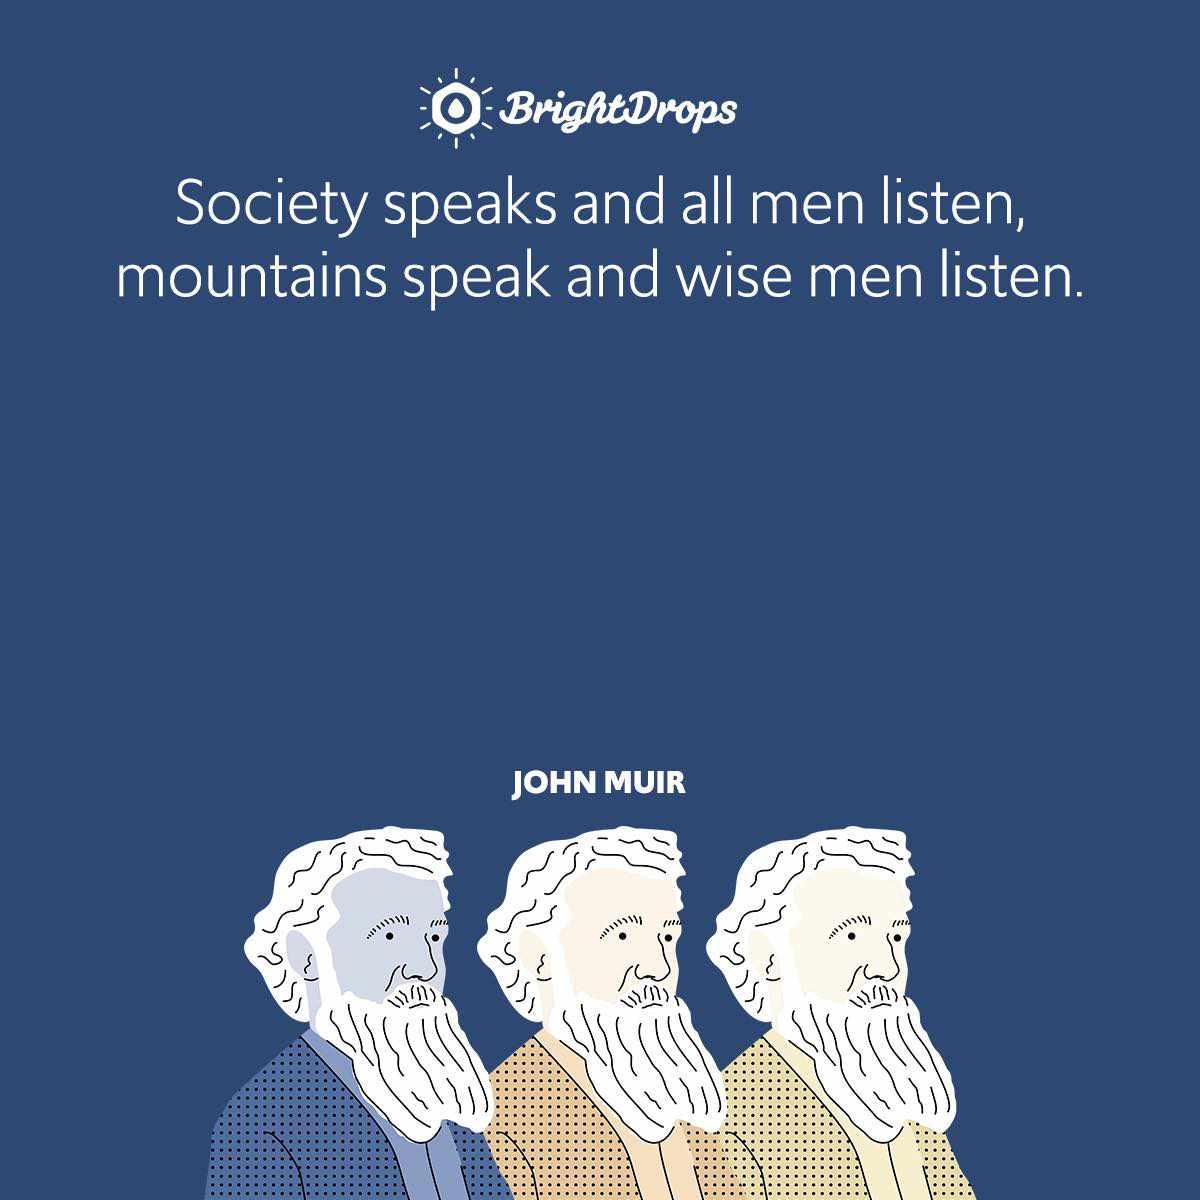 Society speaks and all men listen, mountains speak and wise men listen.